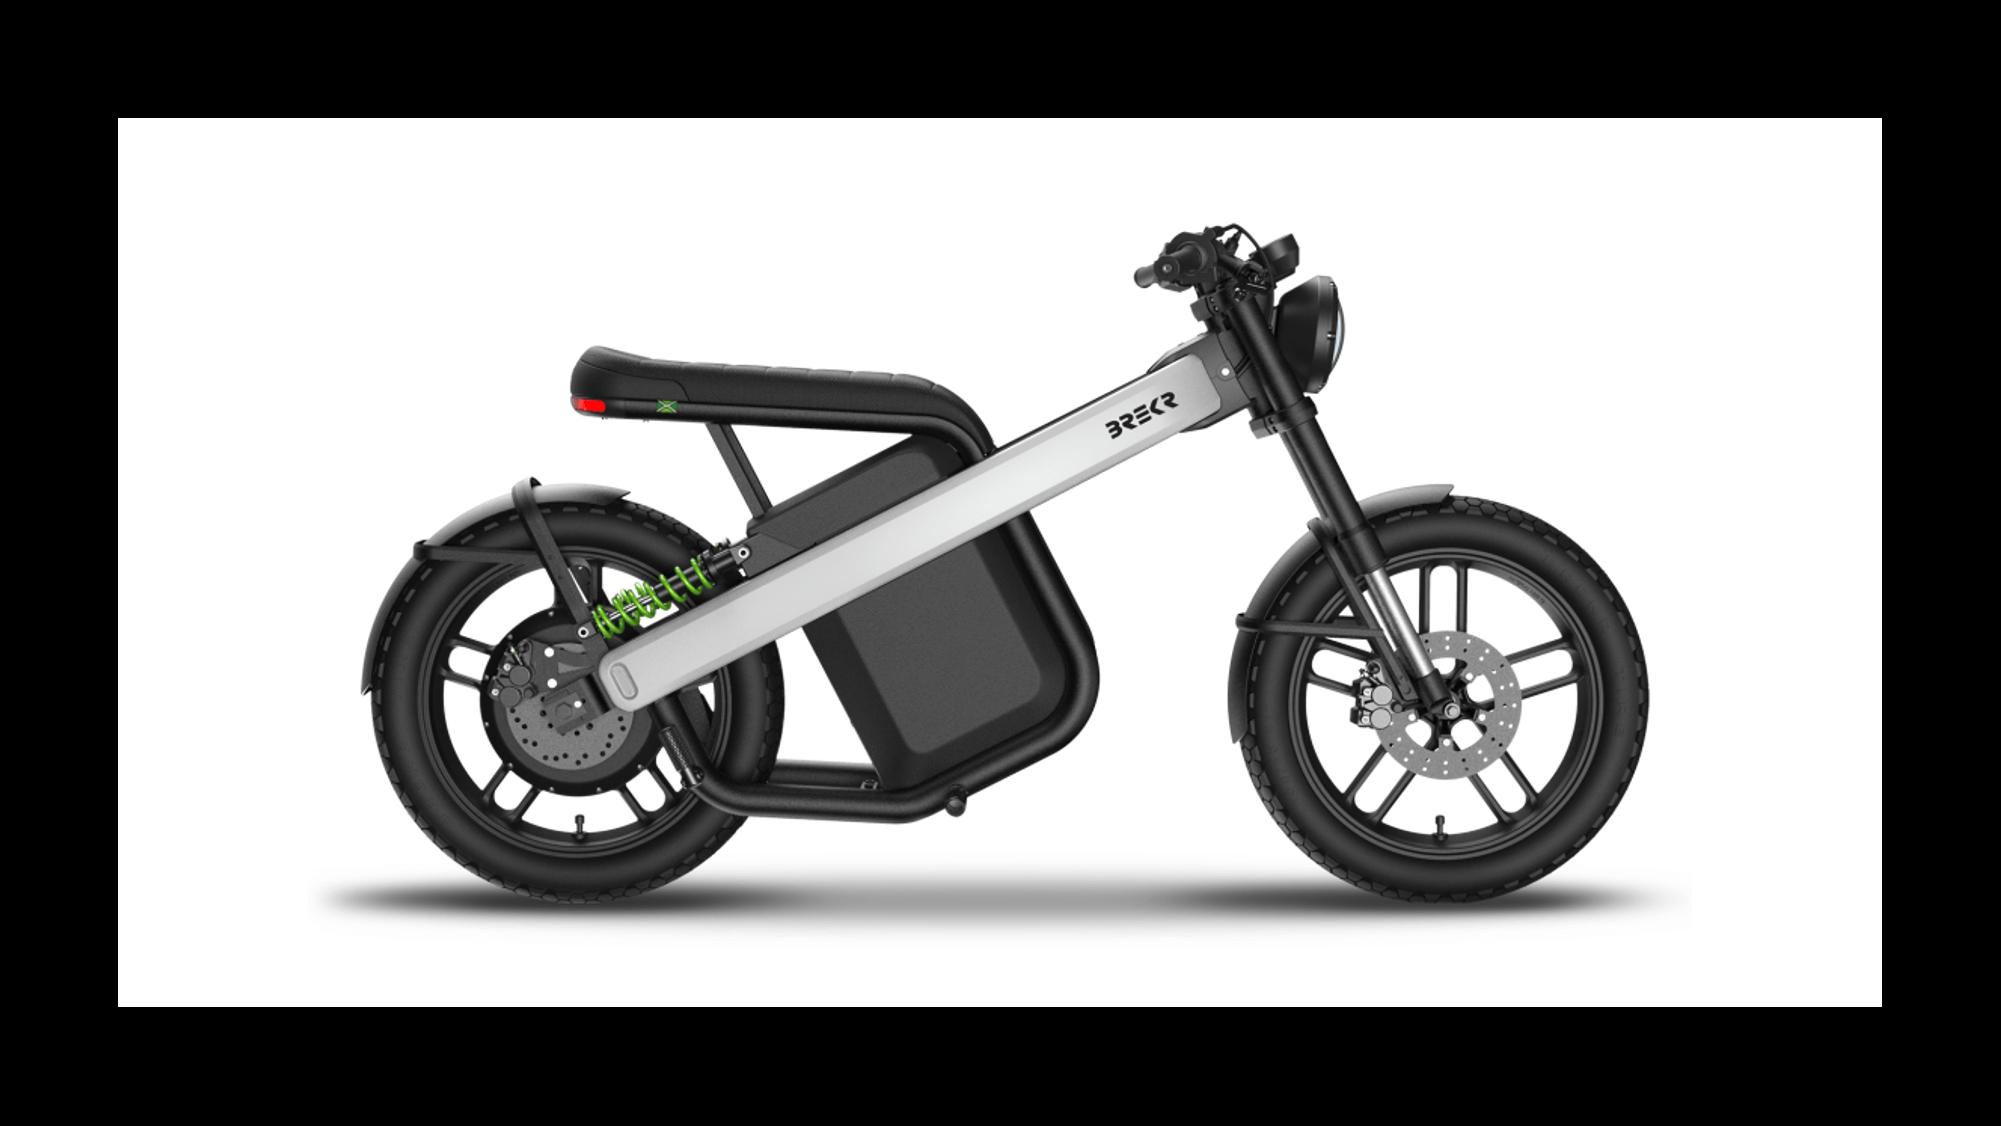 B4000 de Brekr moto électrique 50cc